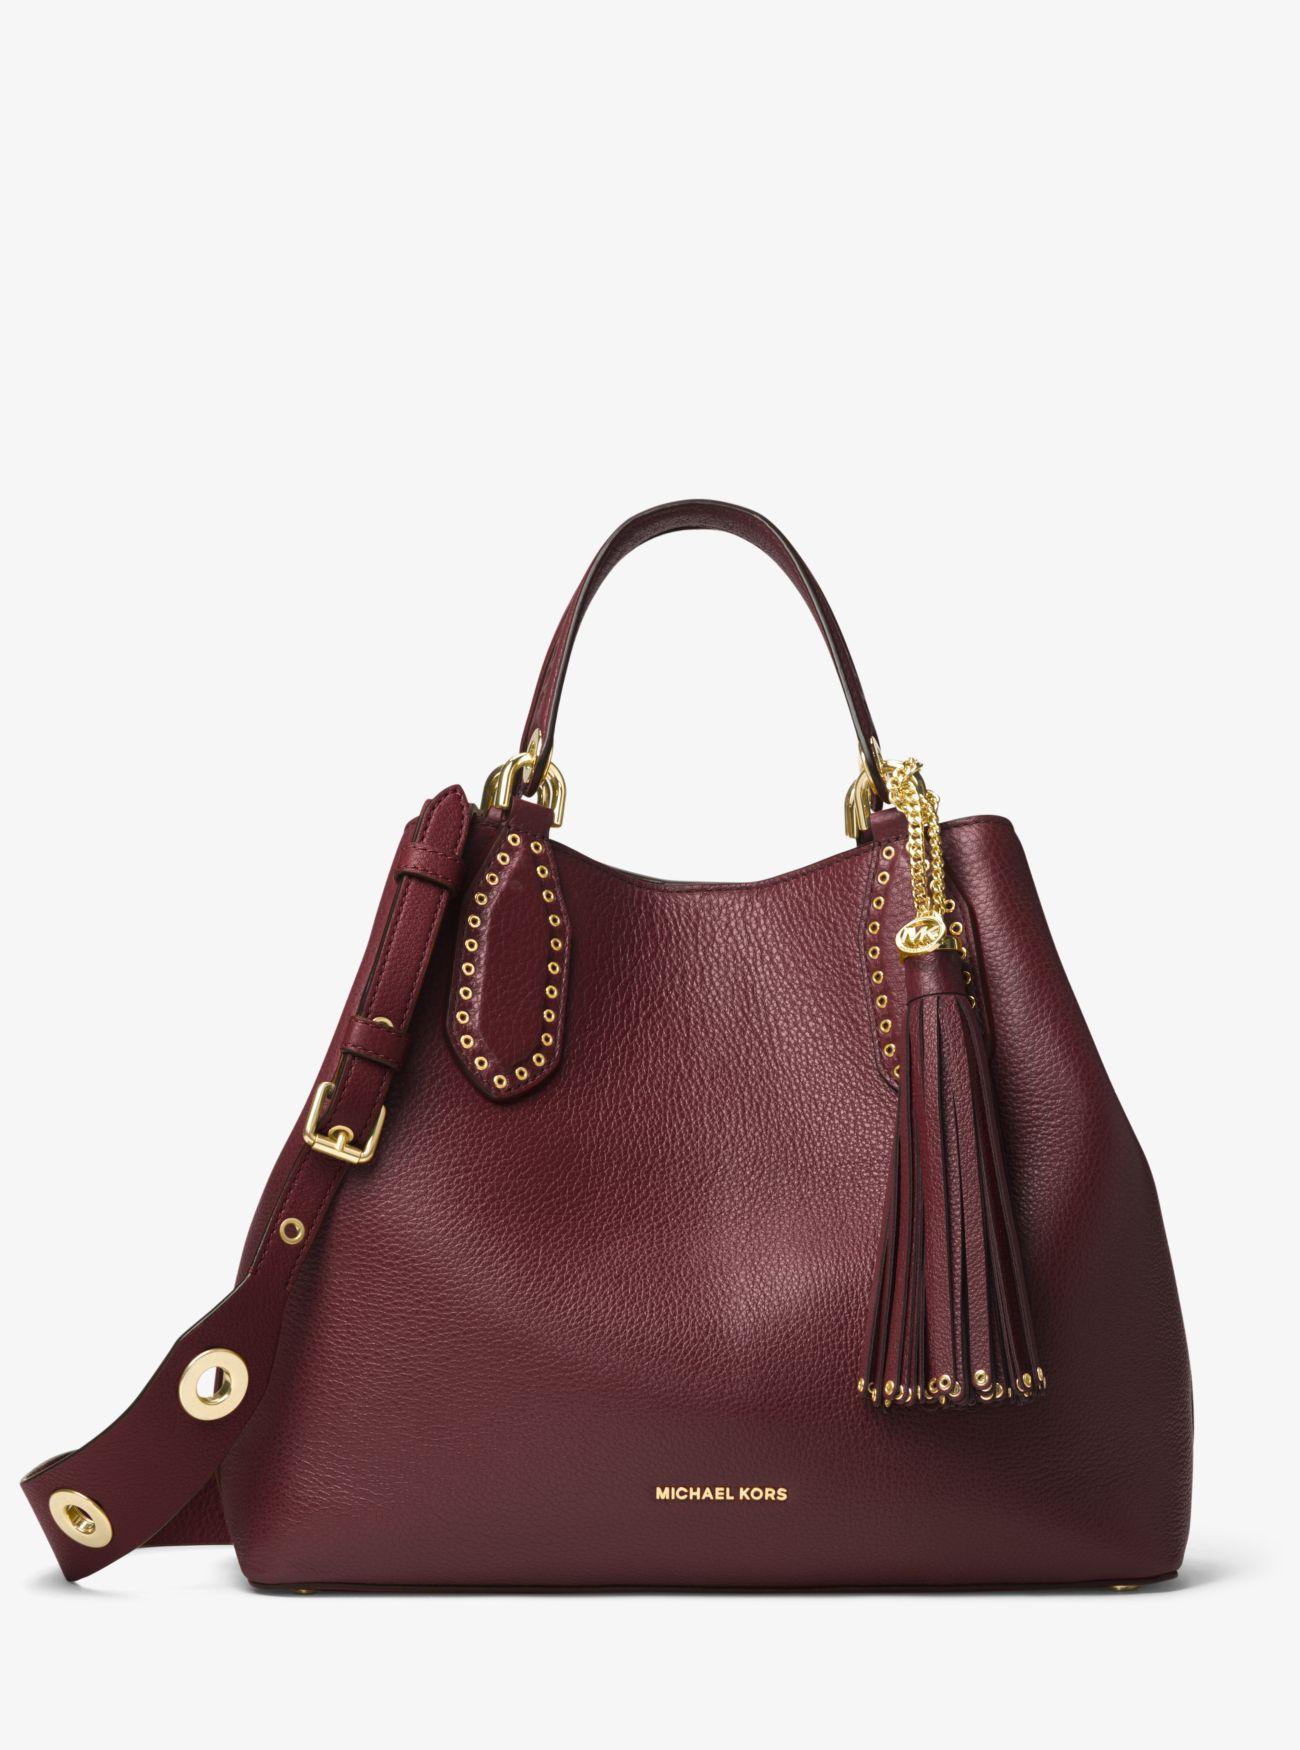 La nuova borsa Michael Kors si chiama Brooklyn- CosmopolitanIT e9cf7df4da6